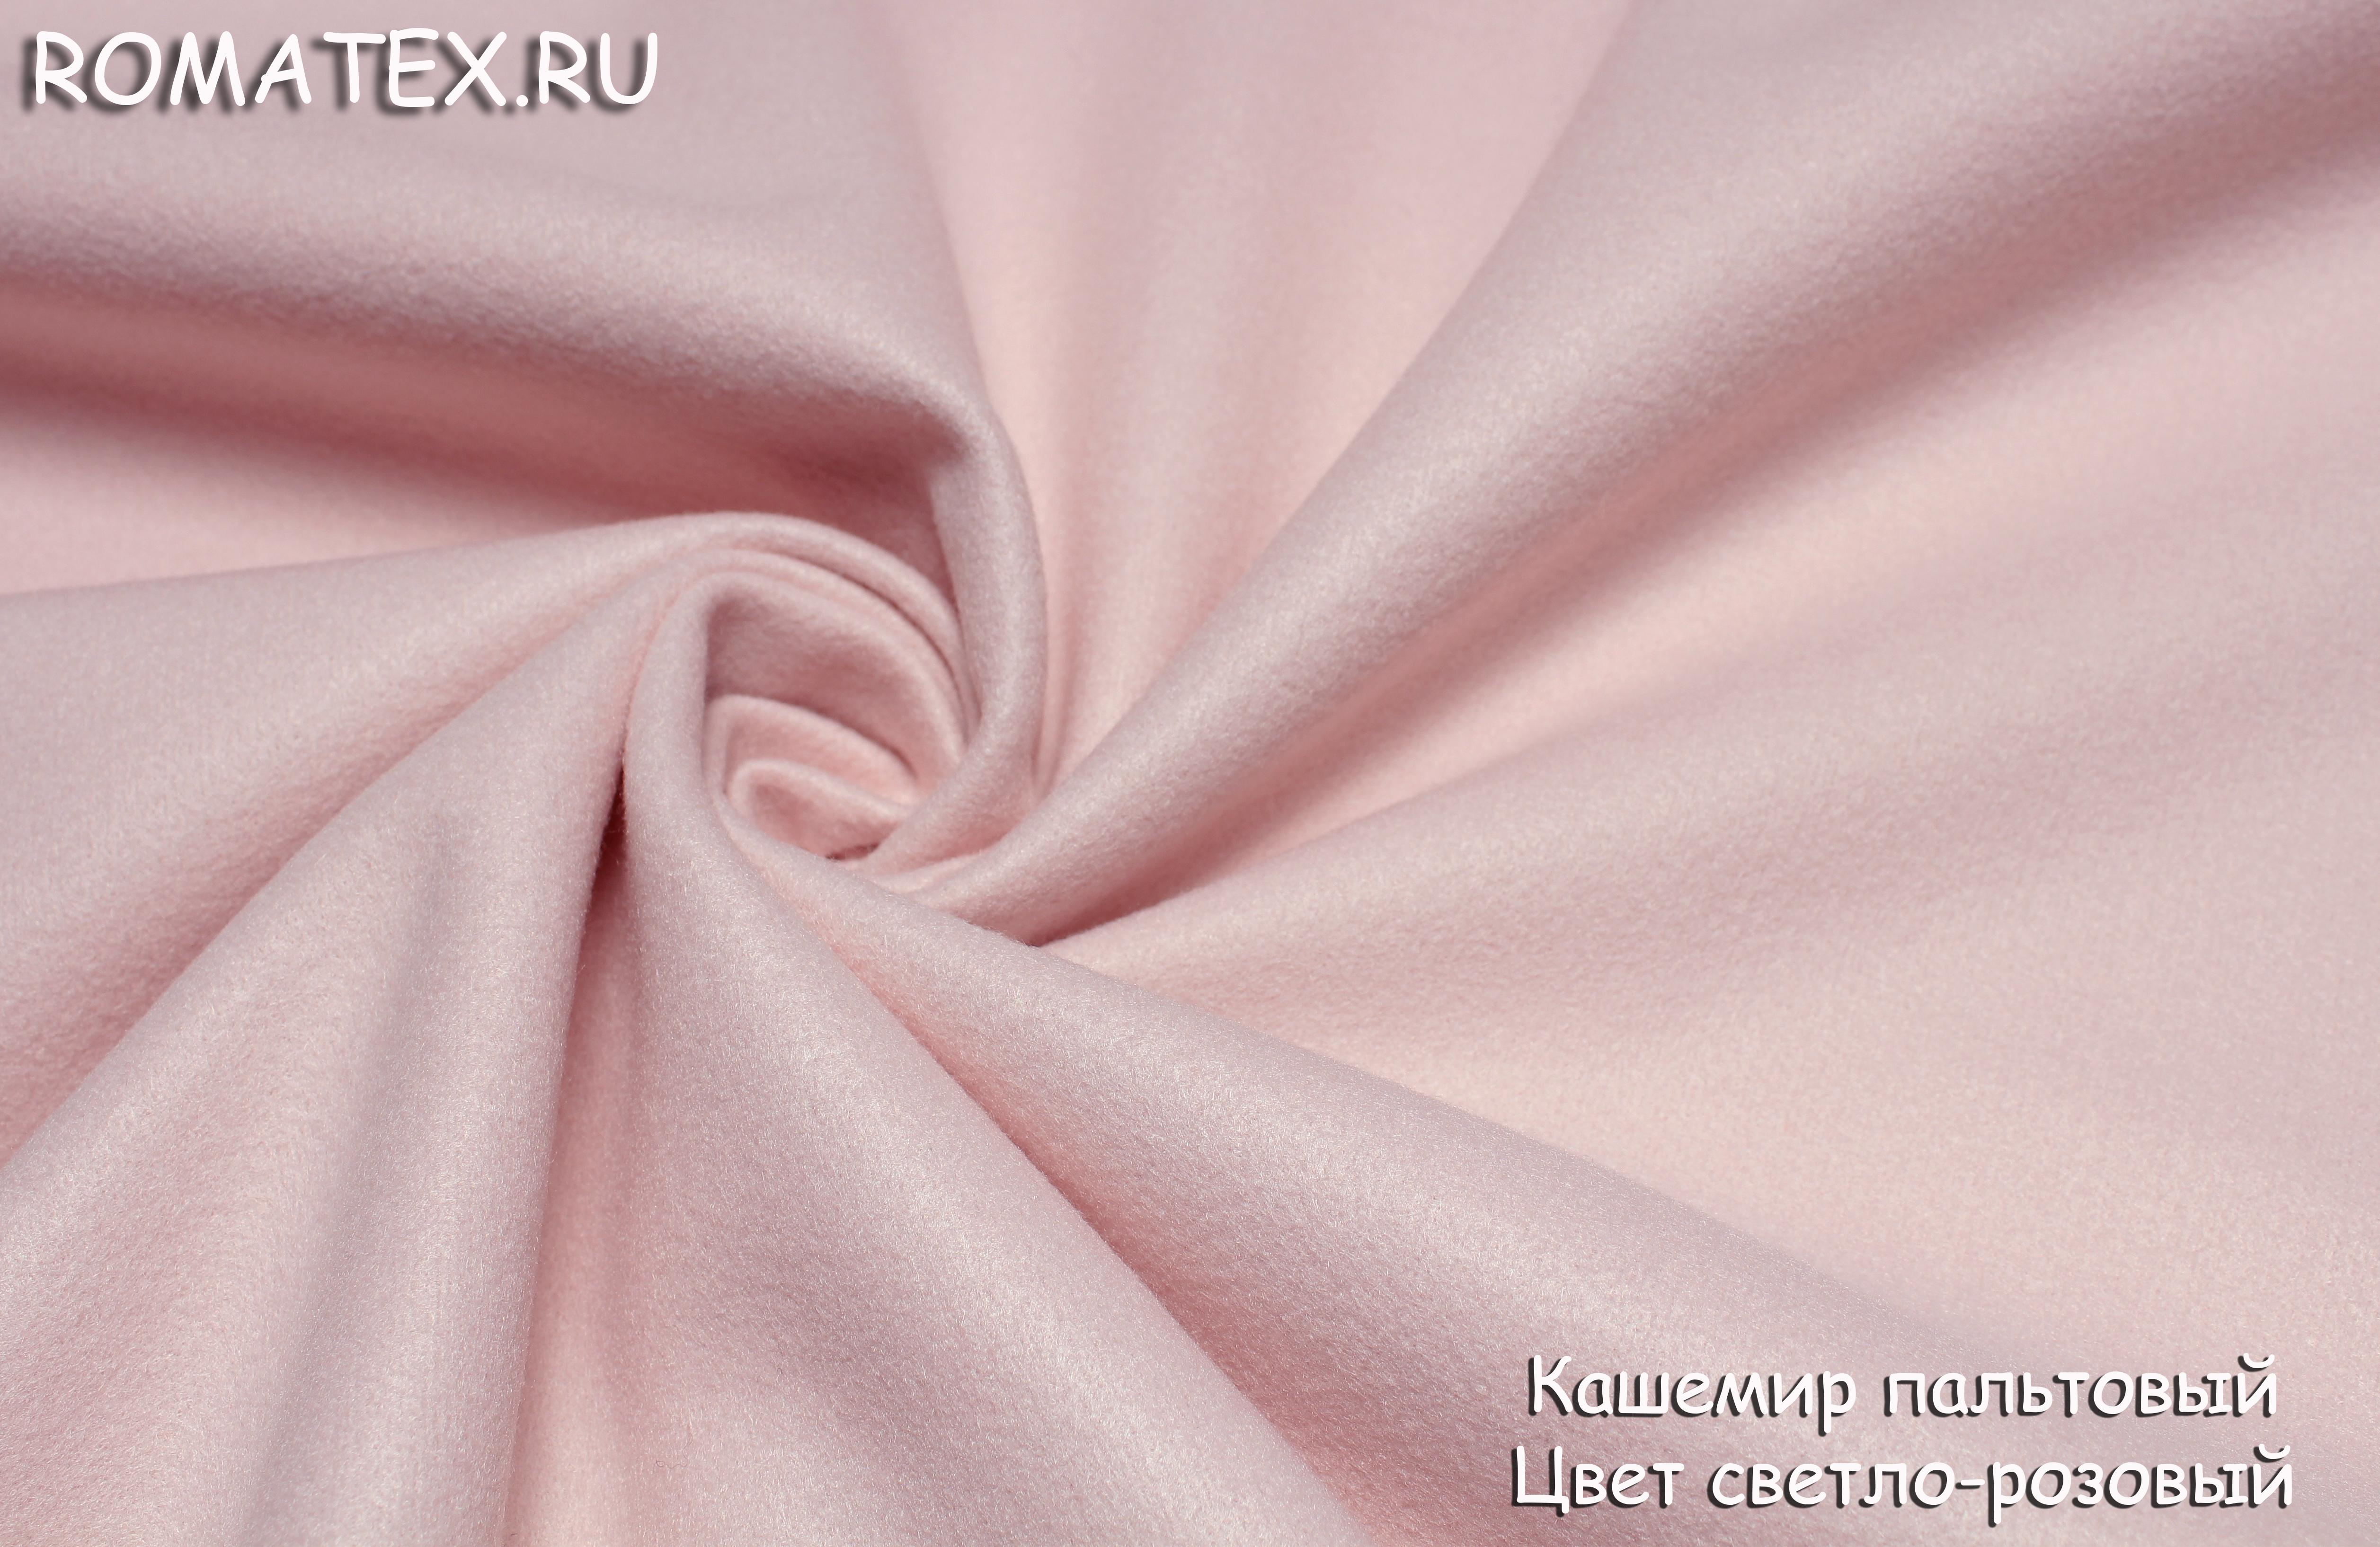 Кашемир пальтовый цвет светло розовый